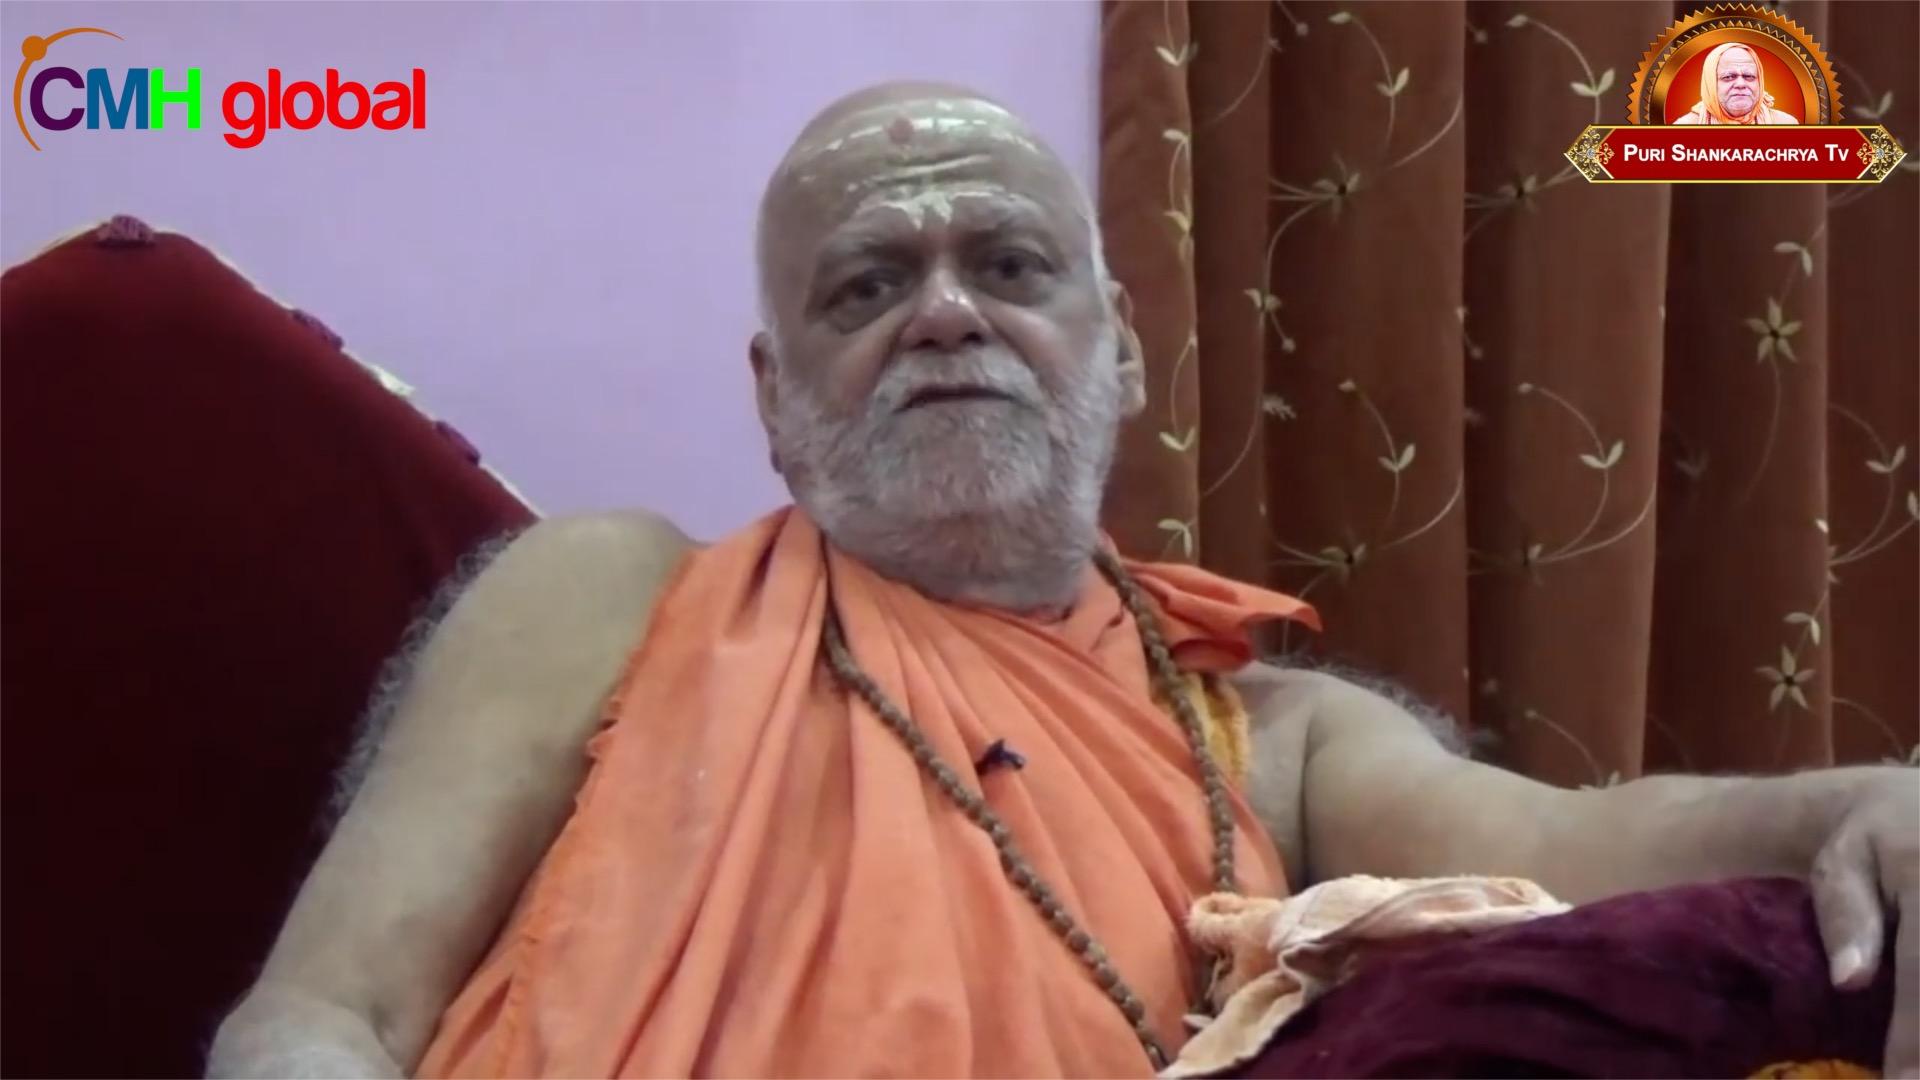 Gyan Dhara Ep -57 by Puri Shankaracharya Swami Nishchalananda Saraswati Ji